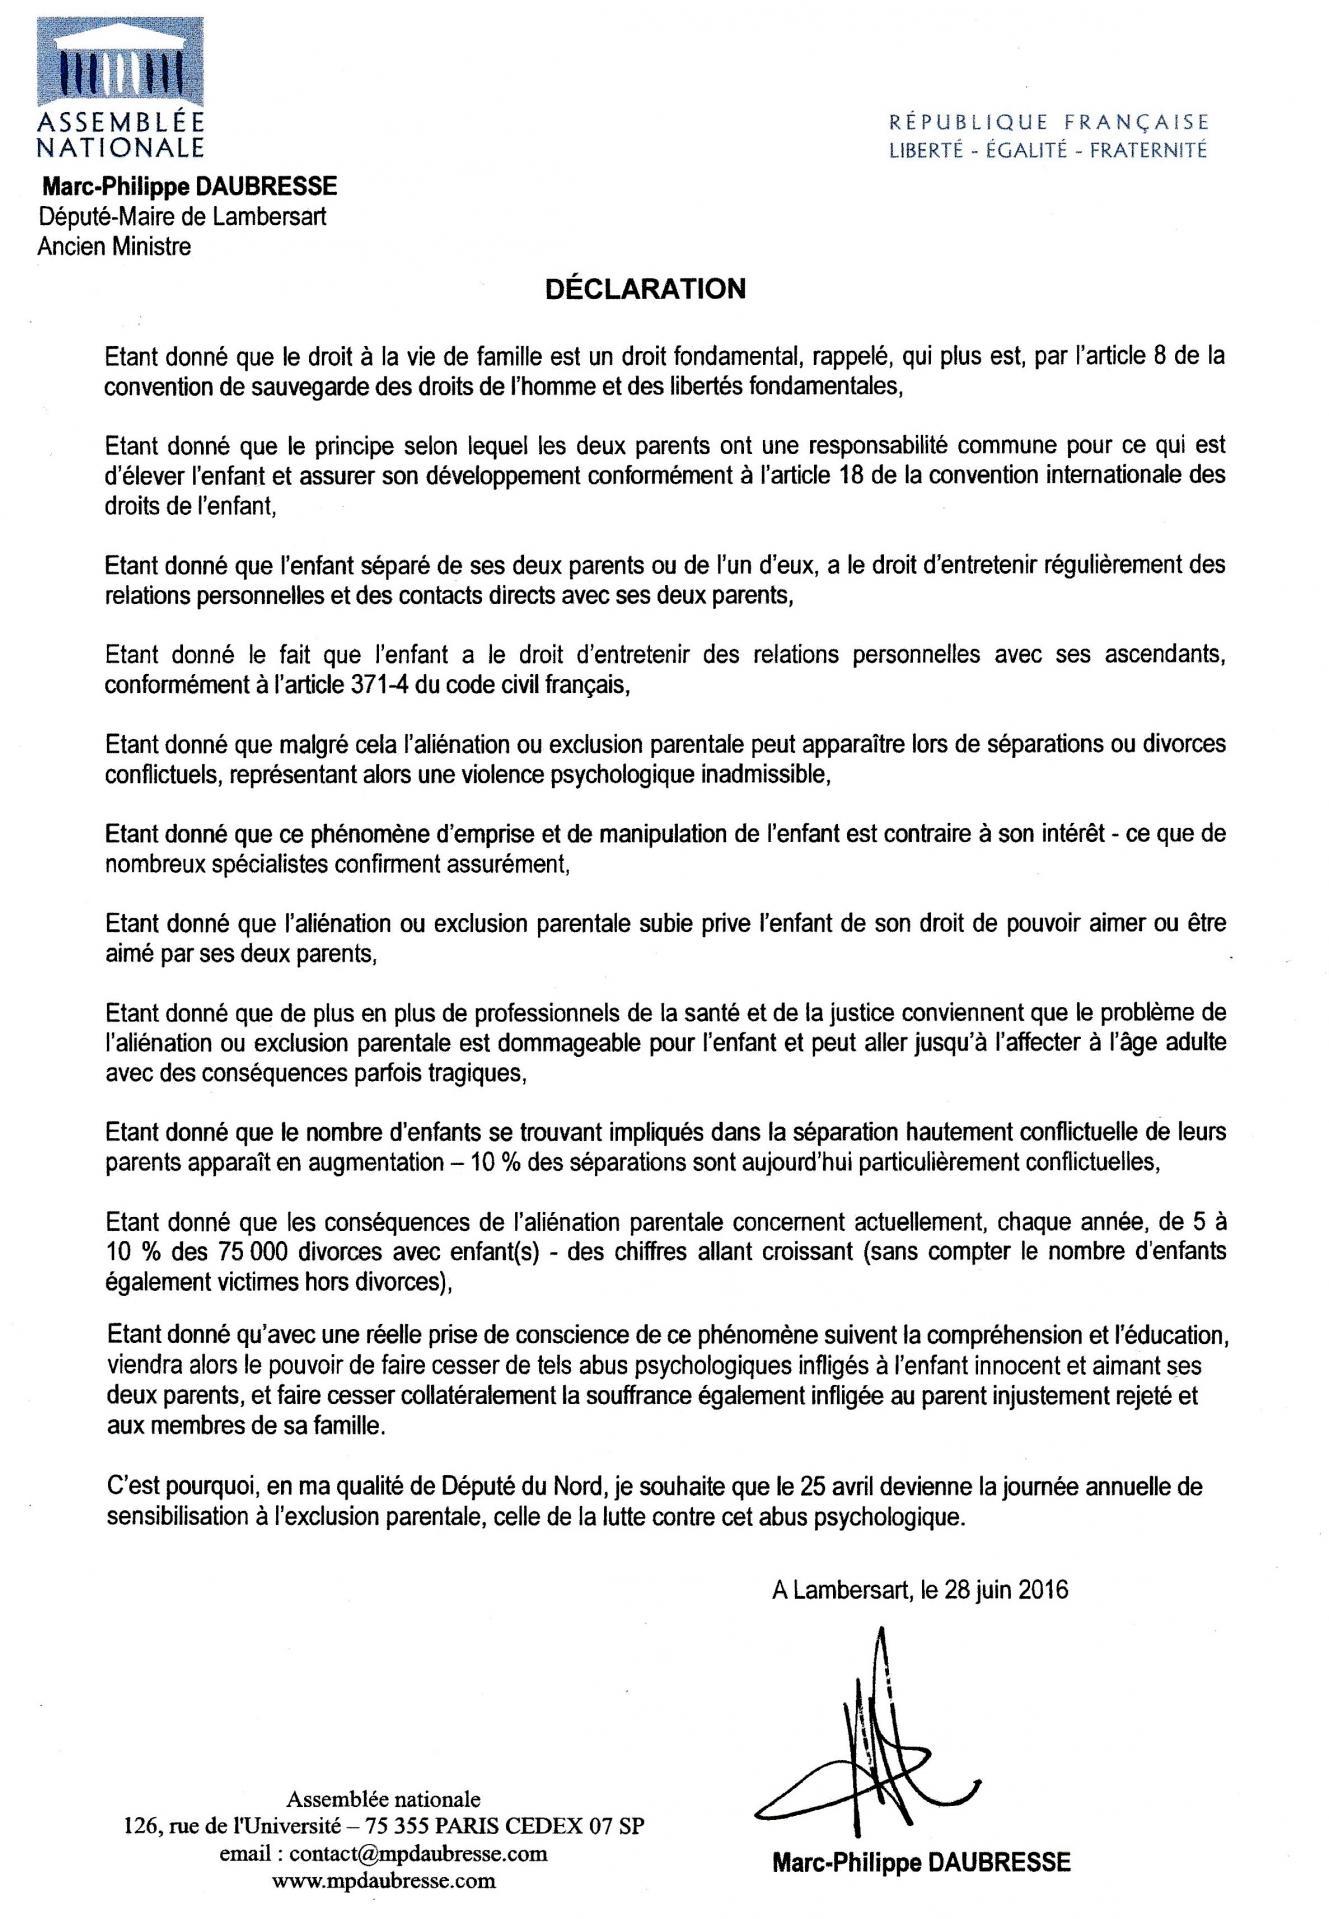 Declaration m p daubresse 06 2016